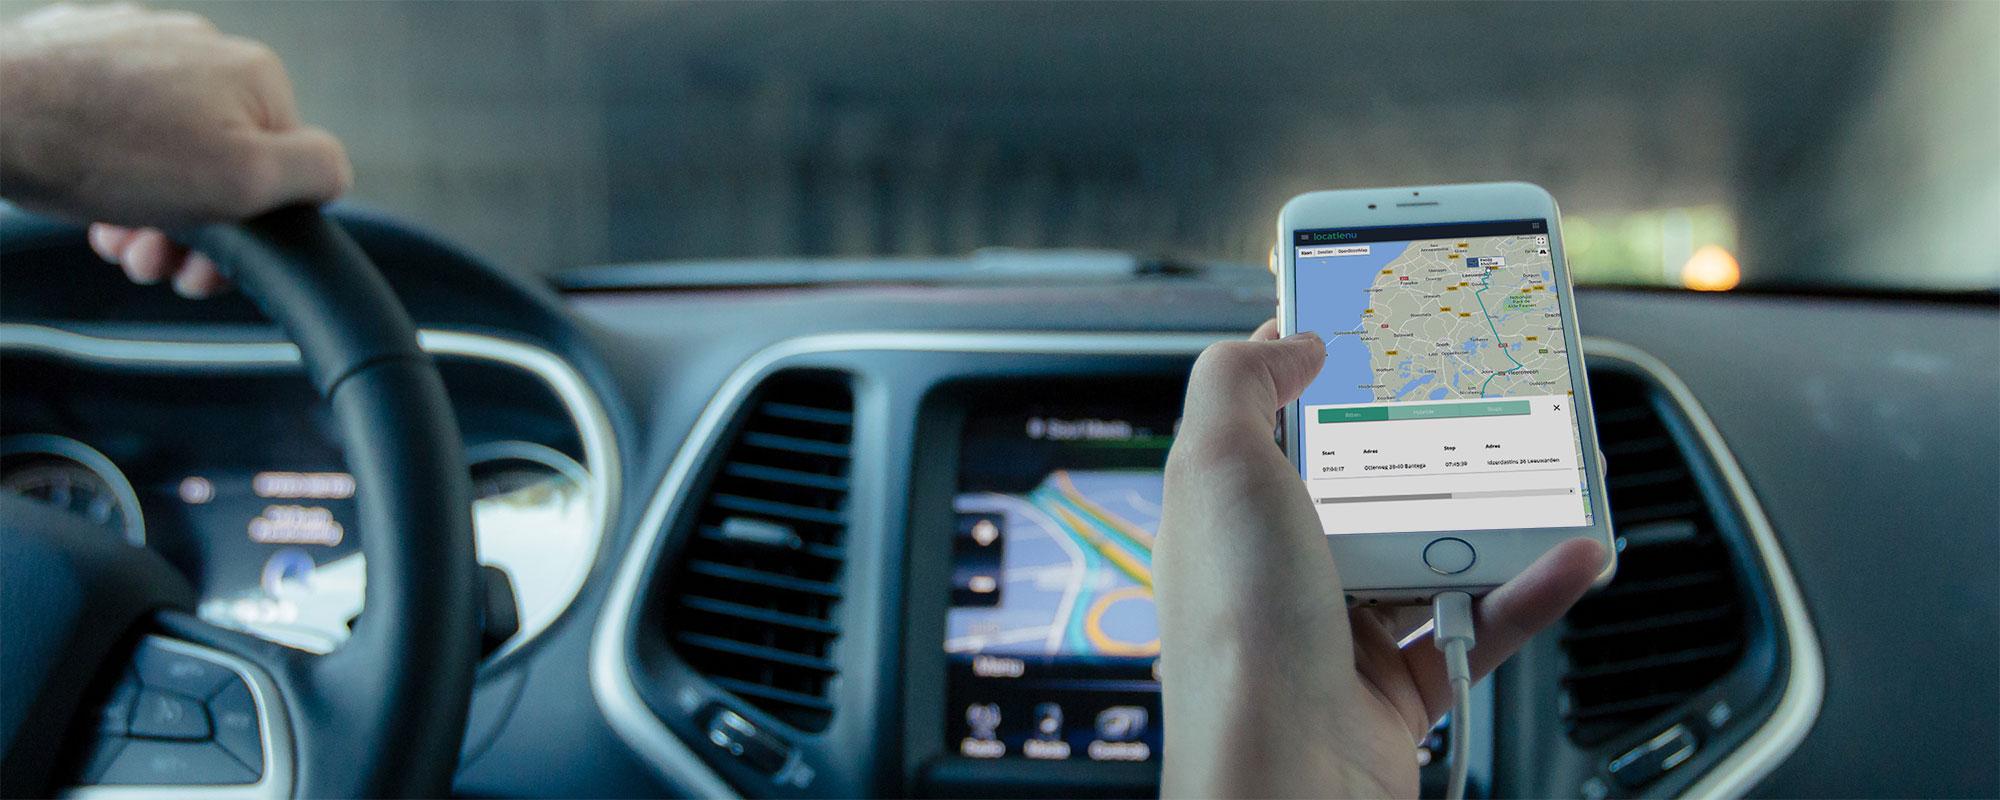 Rittenregistratie en wagenparkbeheer van locatienu